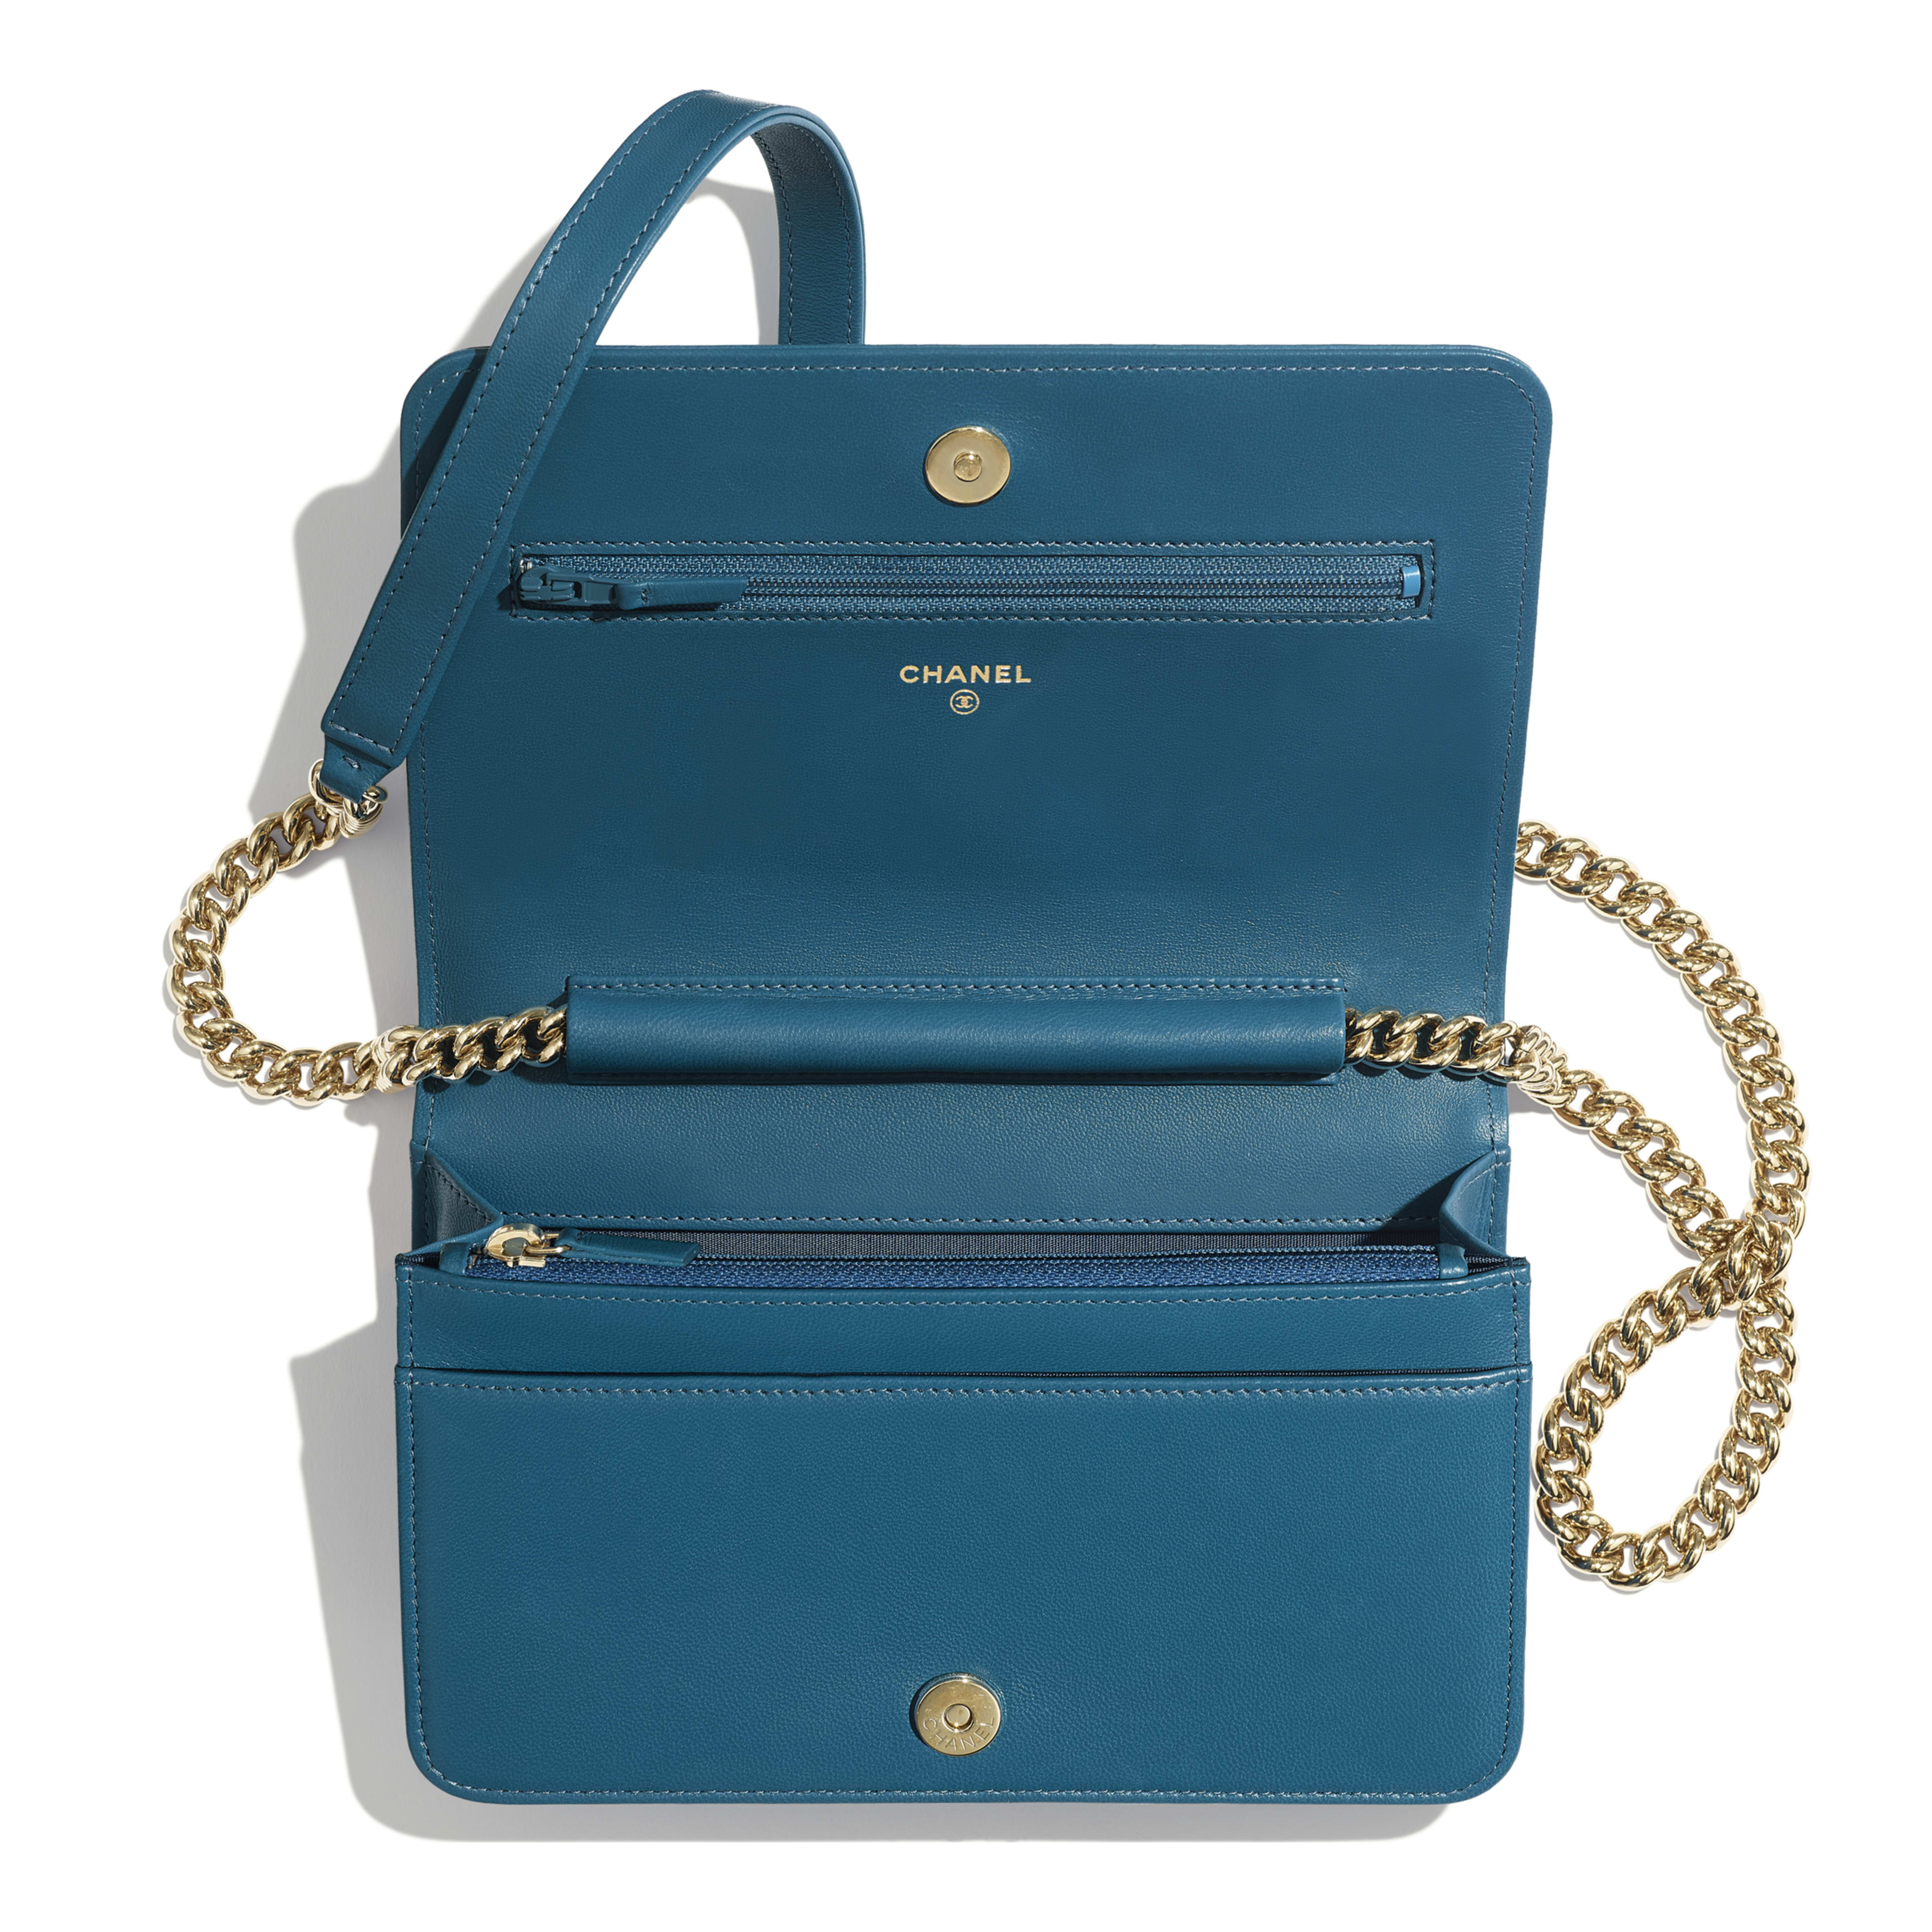 กระเป๋าสตางค์ Boy Chanel พร้อมสายโซ่ - สีฟ้าเทอร์ควอยซ์ - หนังแกะและโลหะสีทอง - มุมมองอื่น - ดูเวอร์ชันขนาดเต็ม